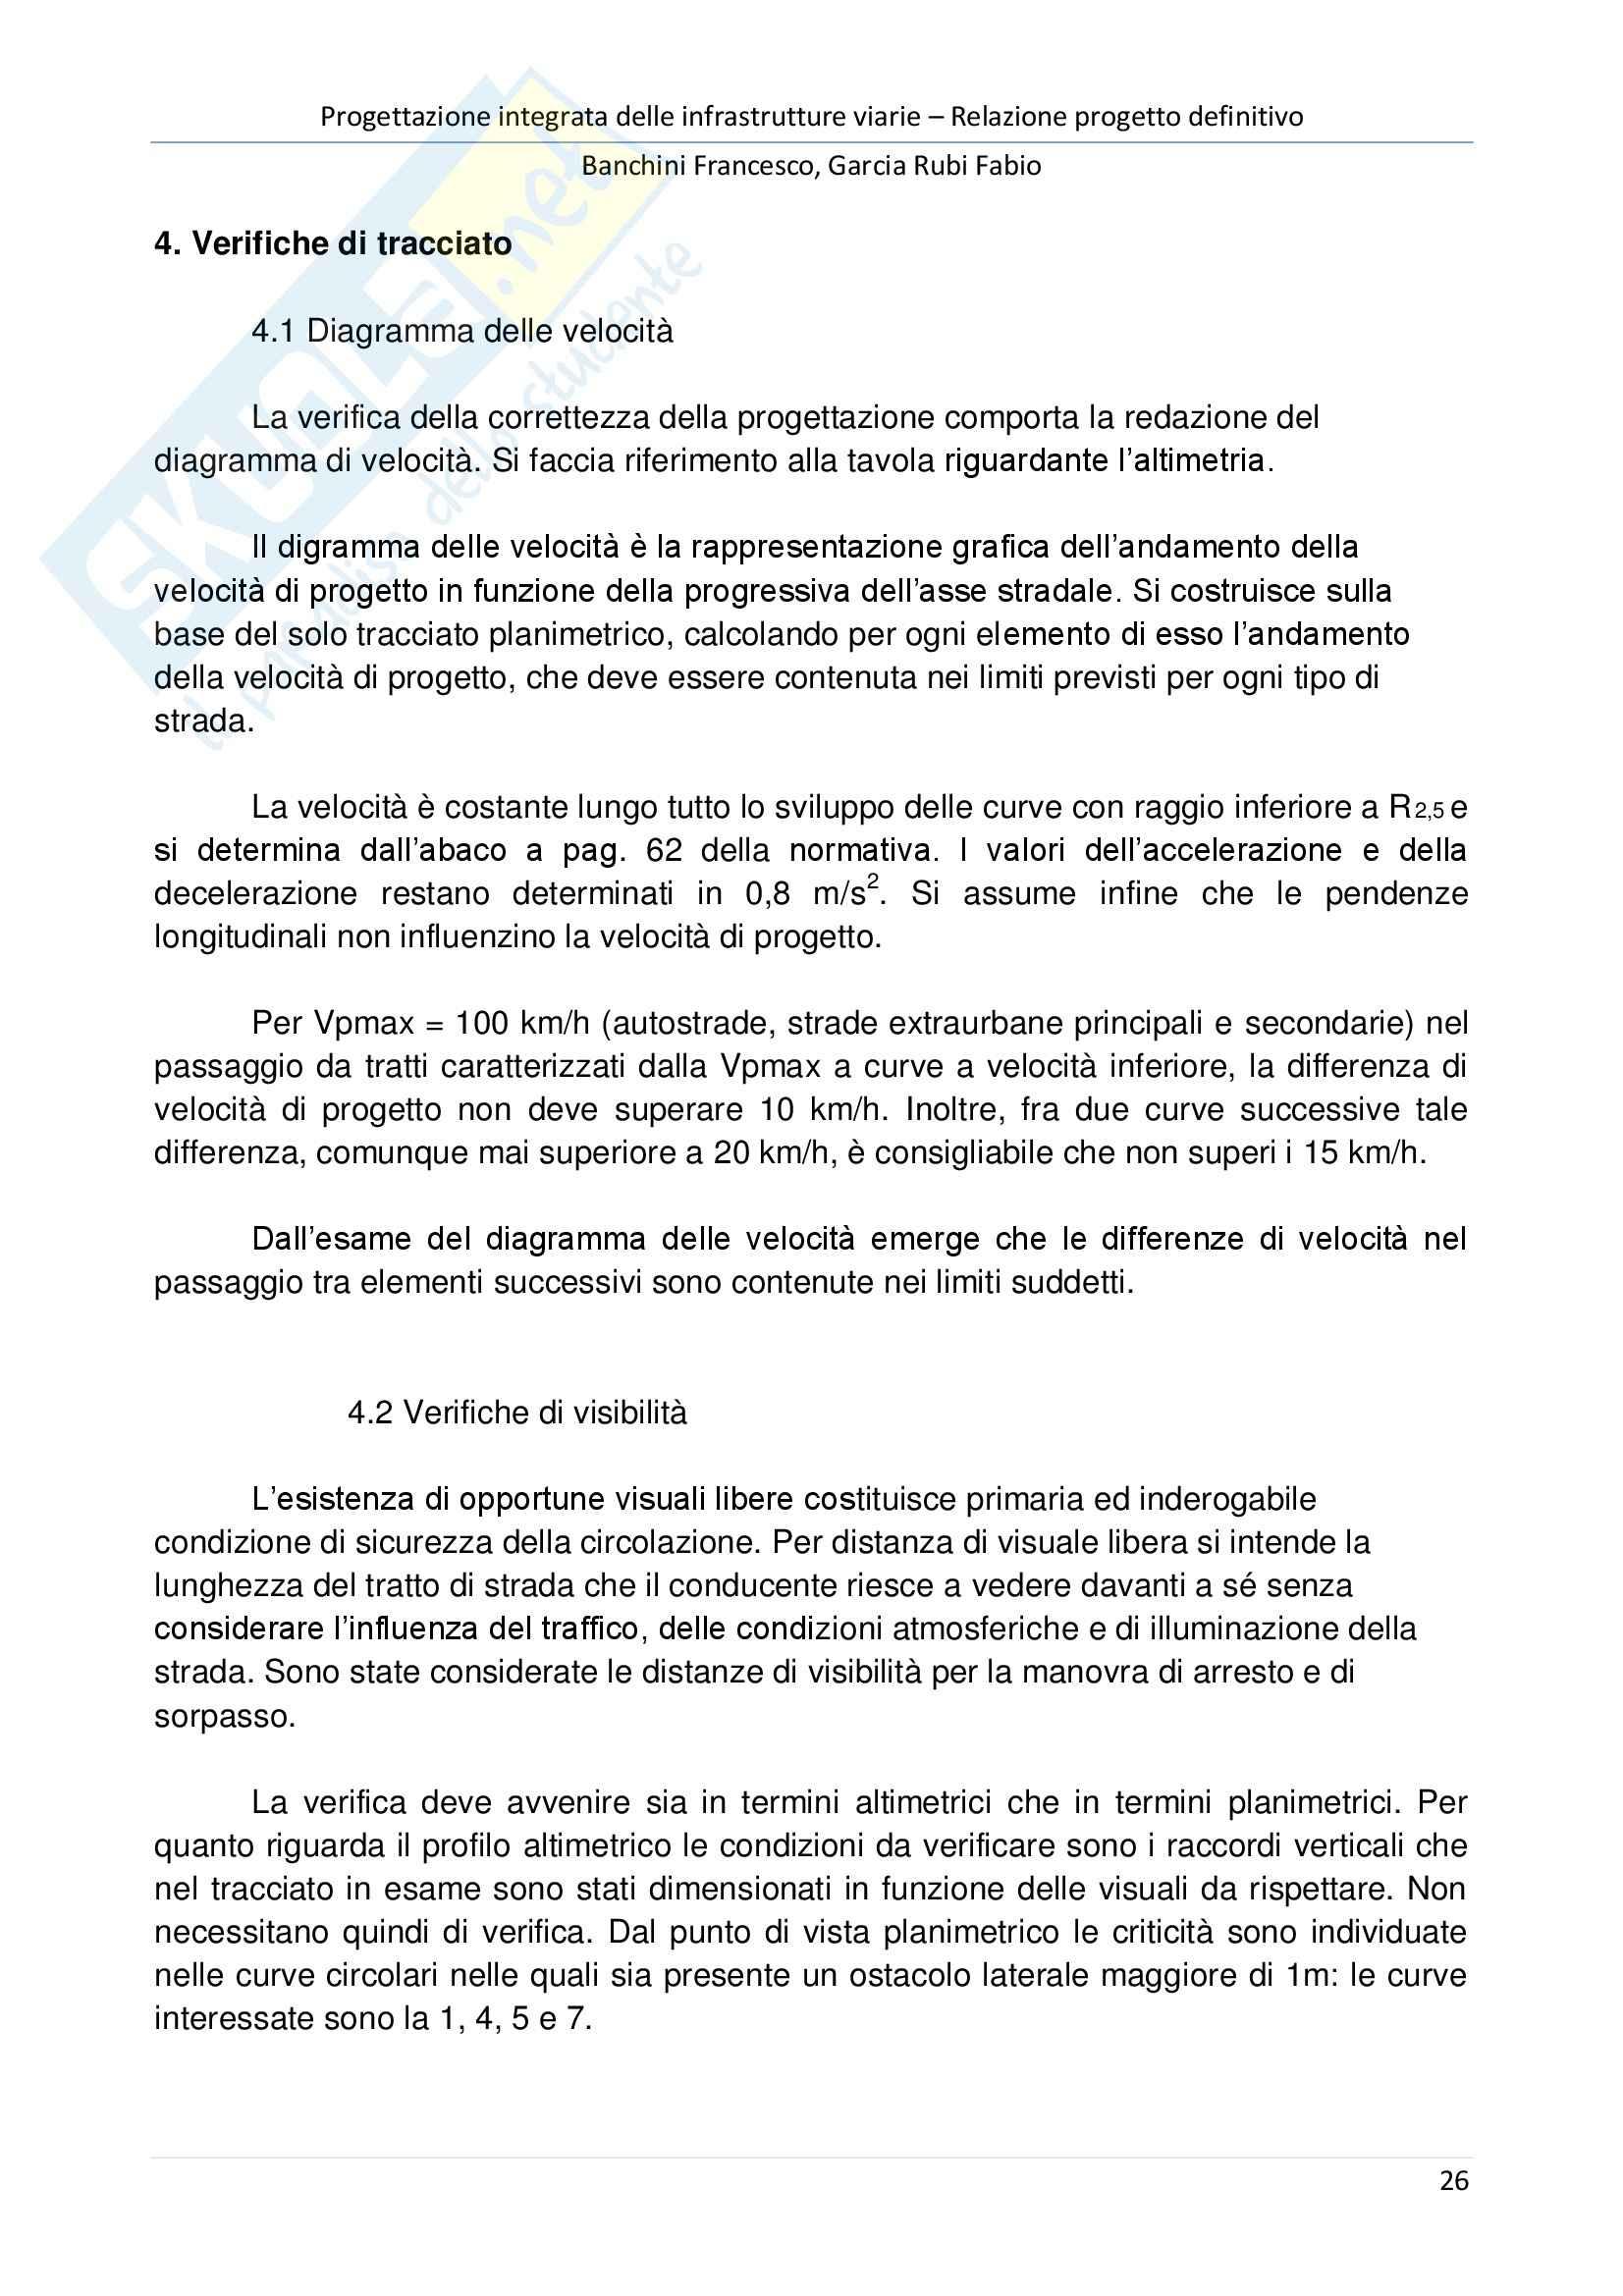 """Relazione del progetto definitivo, Bypass """"Cassia Cimina"""" Pag. 26"""